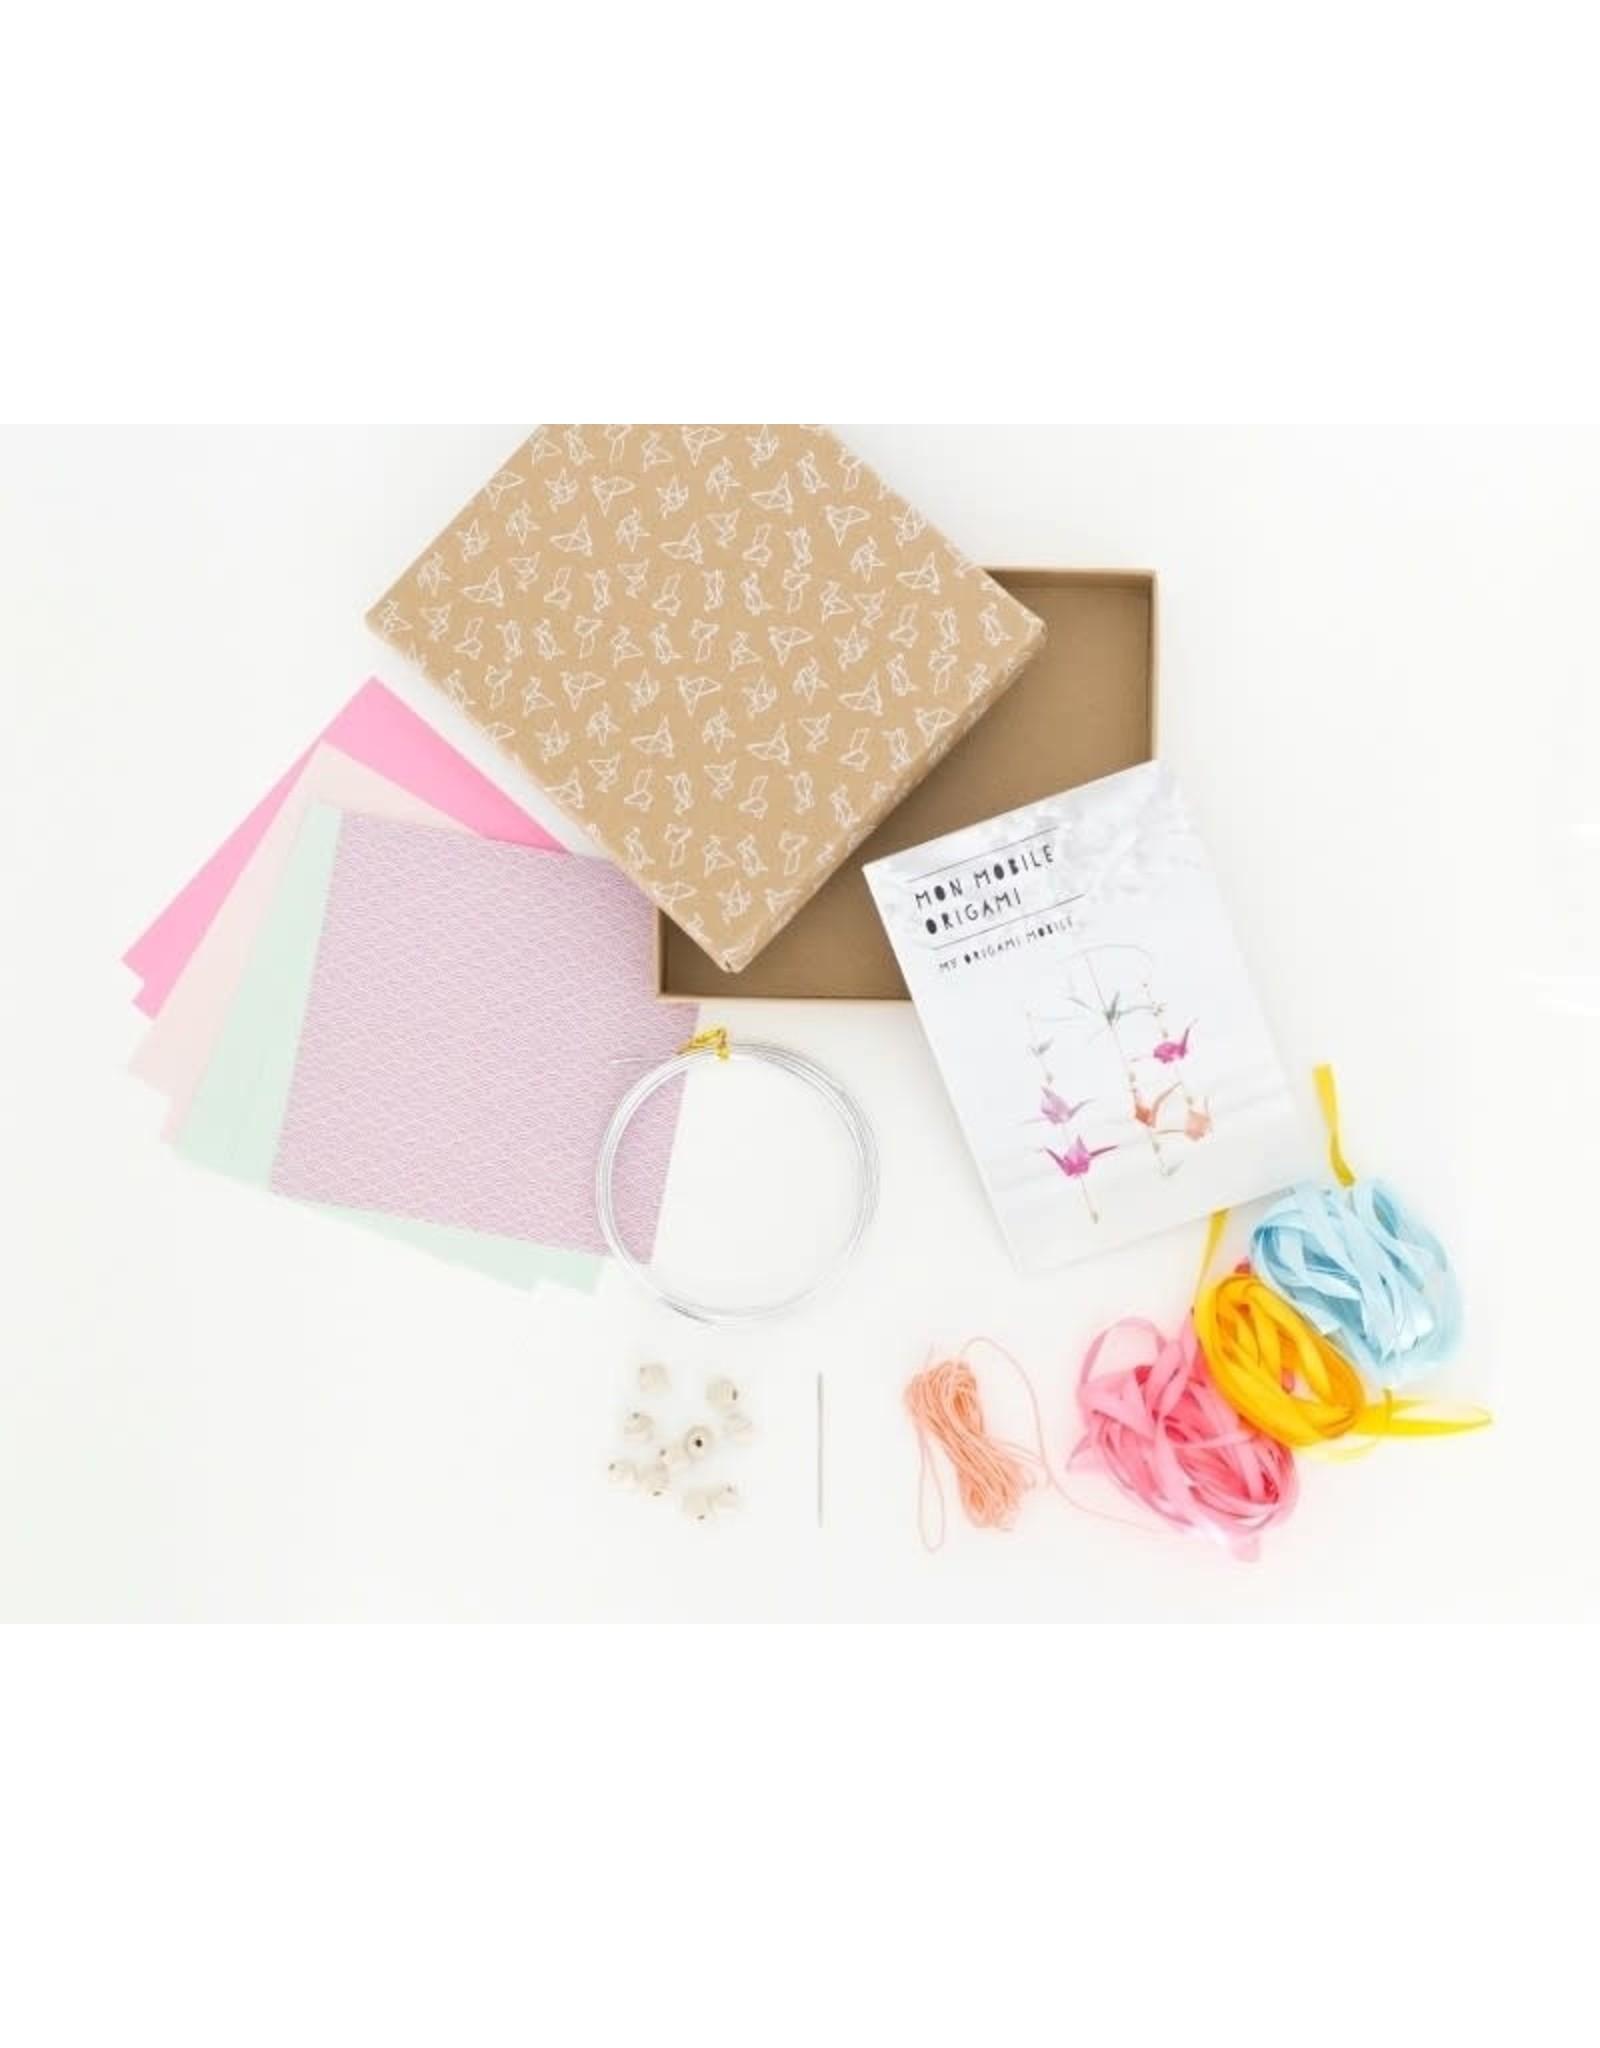 La petite épicerie DIY kit - mijn origami mobiel